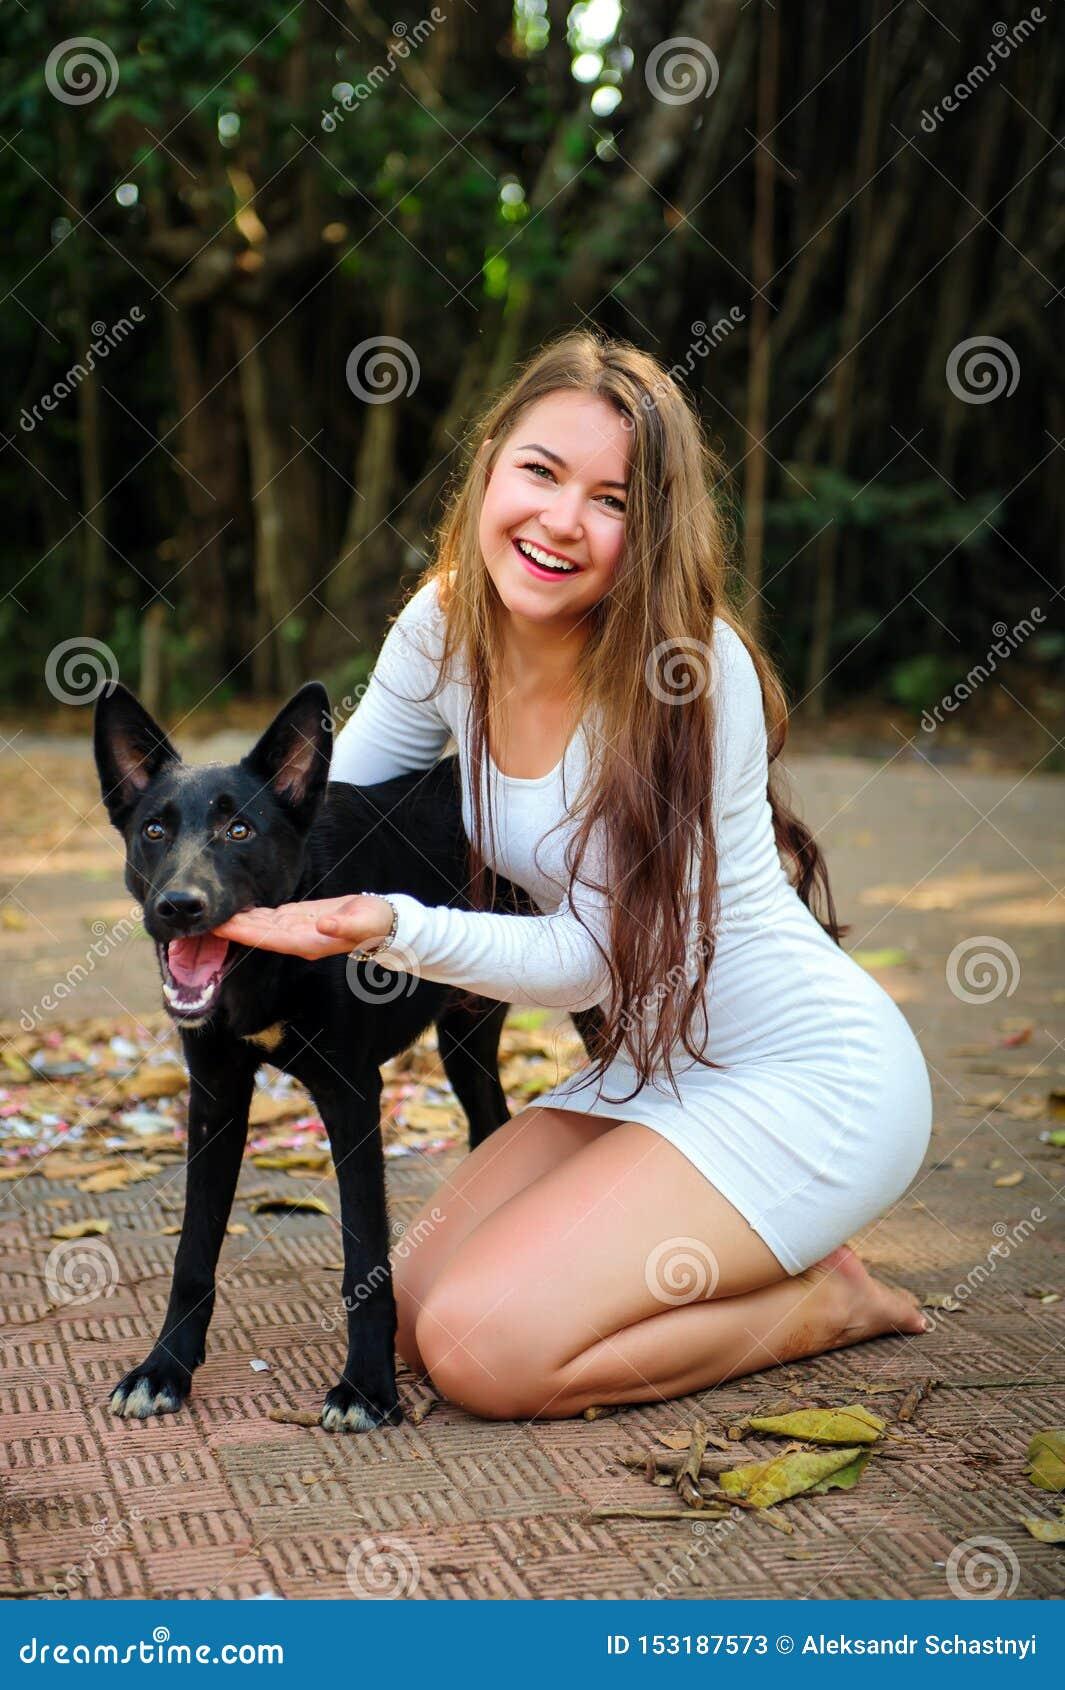 Nettes junges Mädchen auf Weg im Park mit ihrem Vierbeiner Hübsche Frau im kurzen Kleid und schwarzen im Hund, die draußen spielt